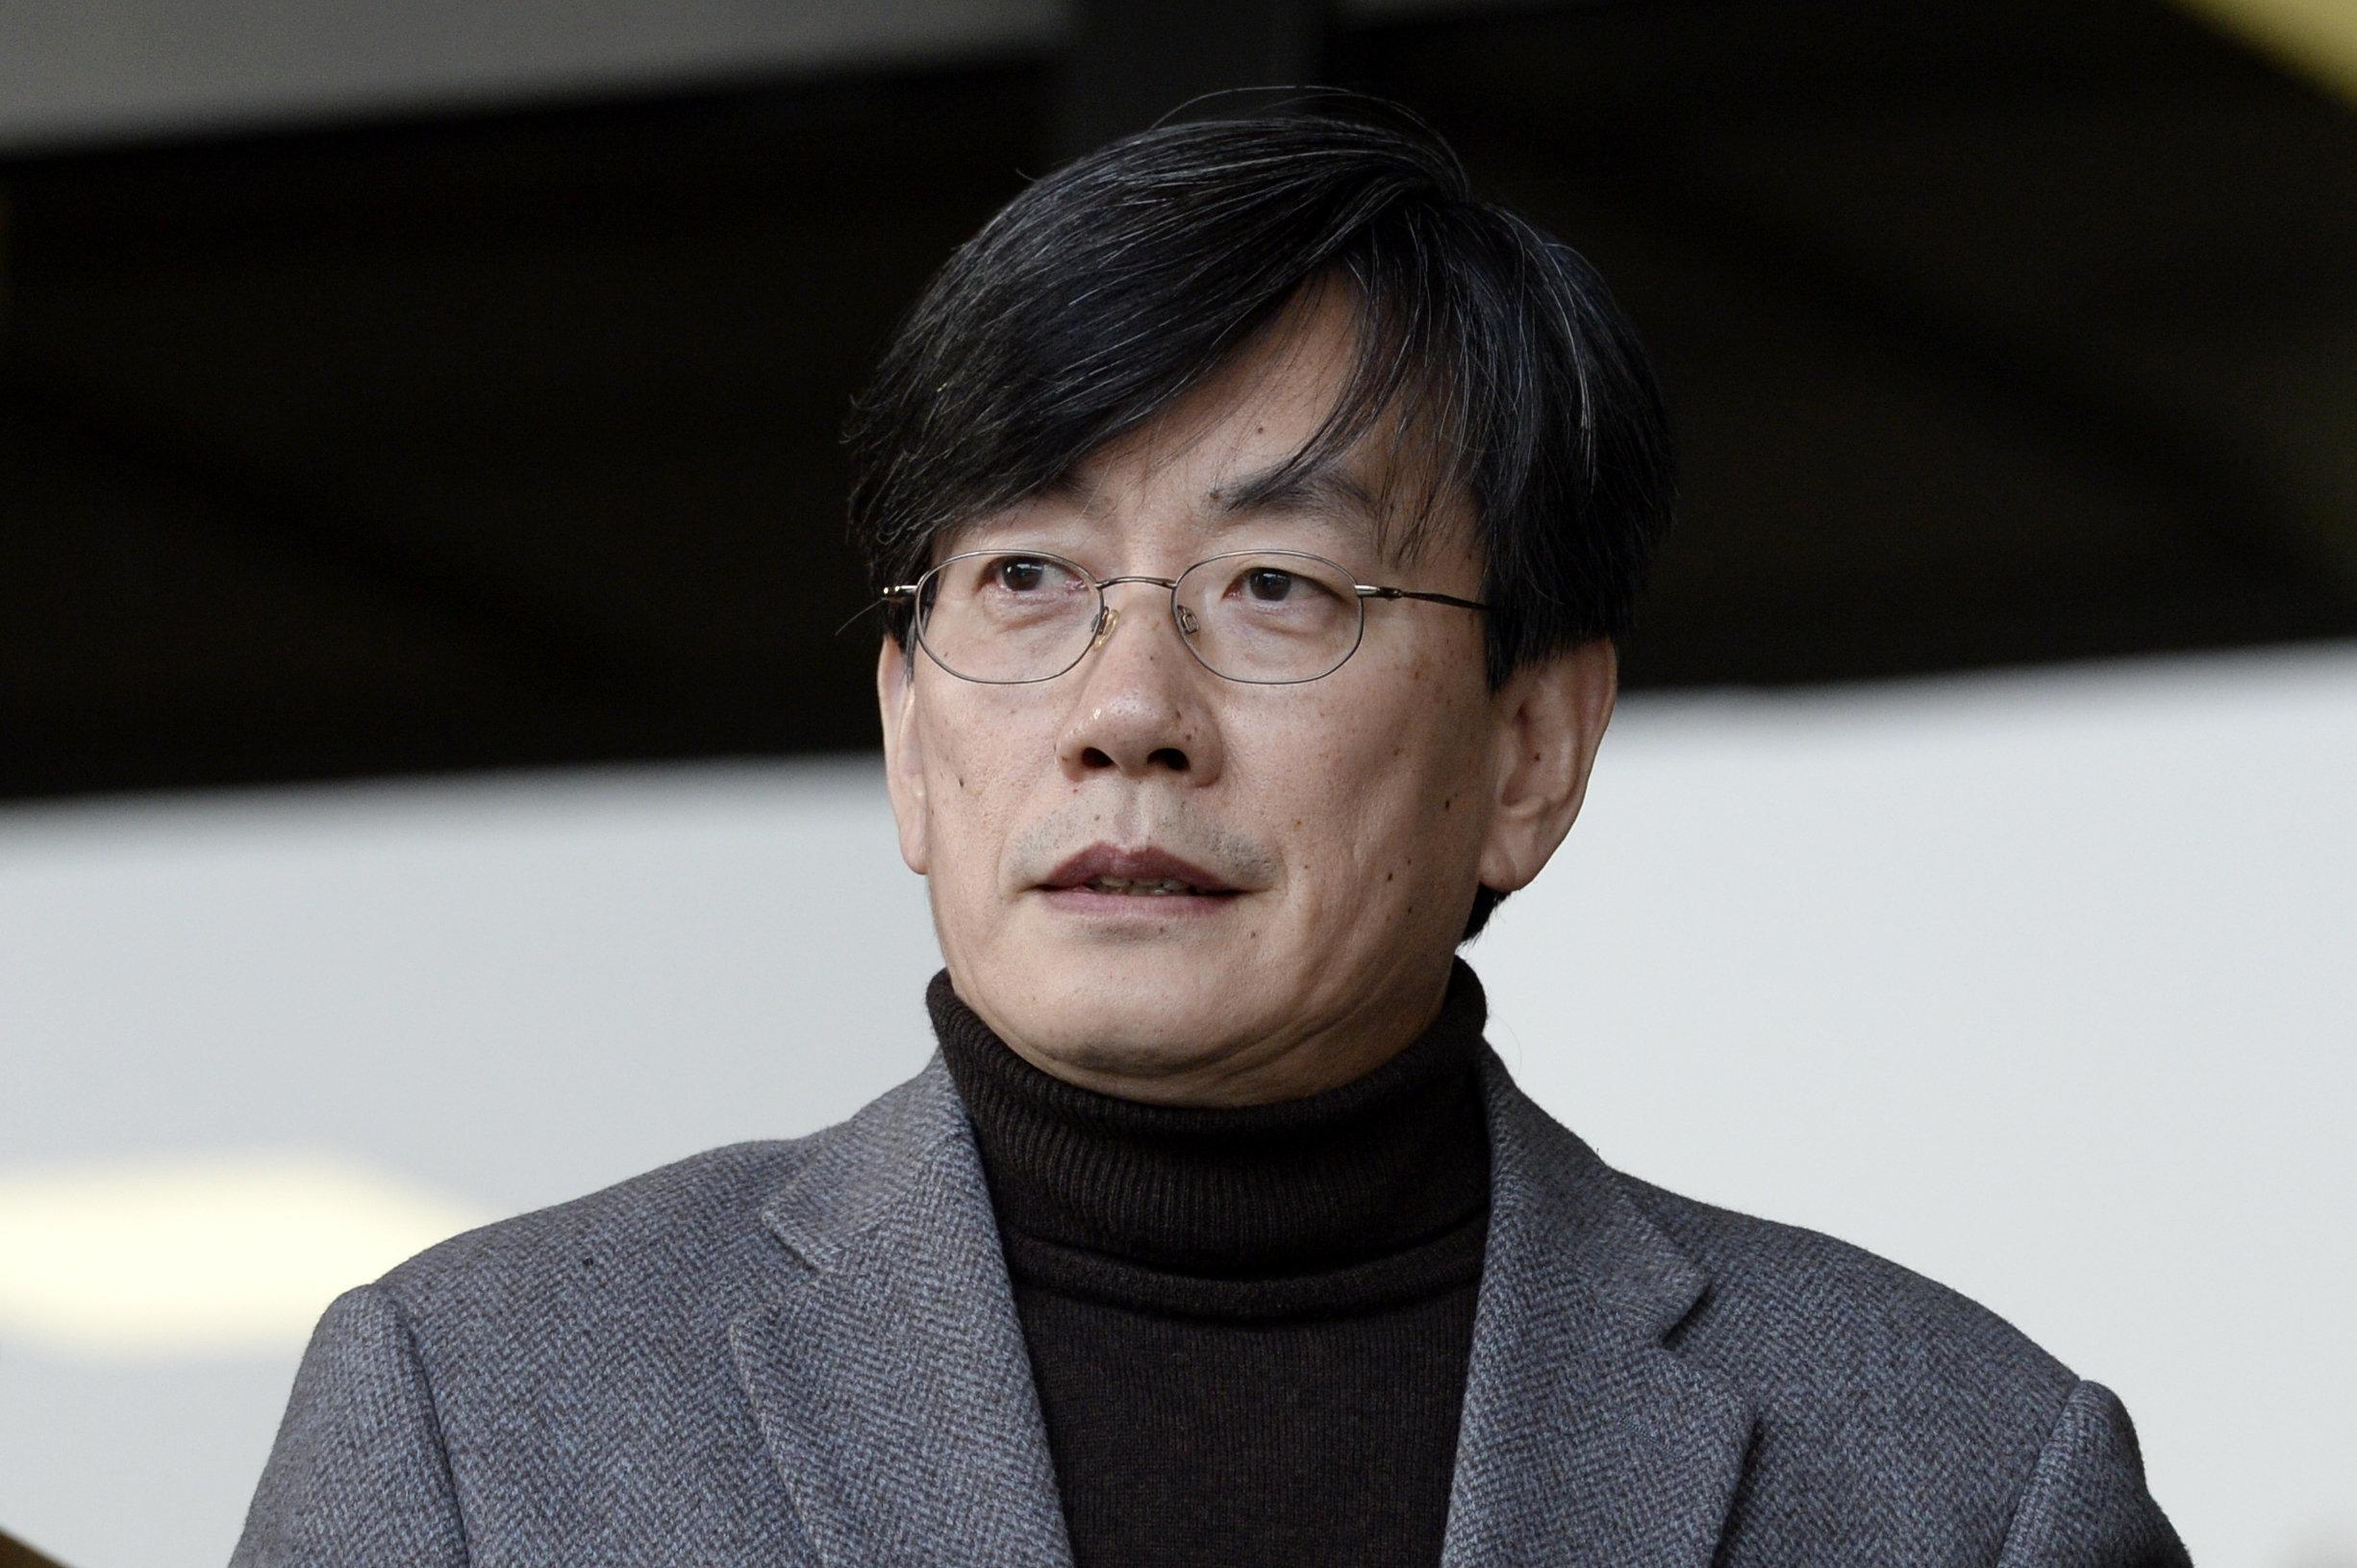 손석희 대표이사가 폭행 의혹과 관련해 팬카페에 글을